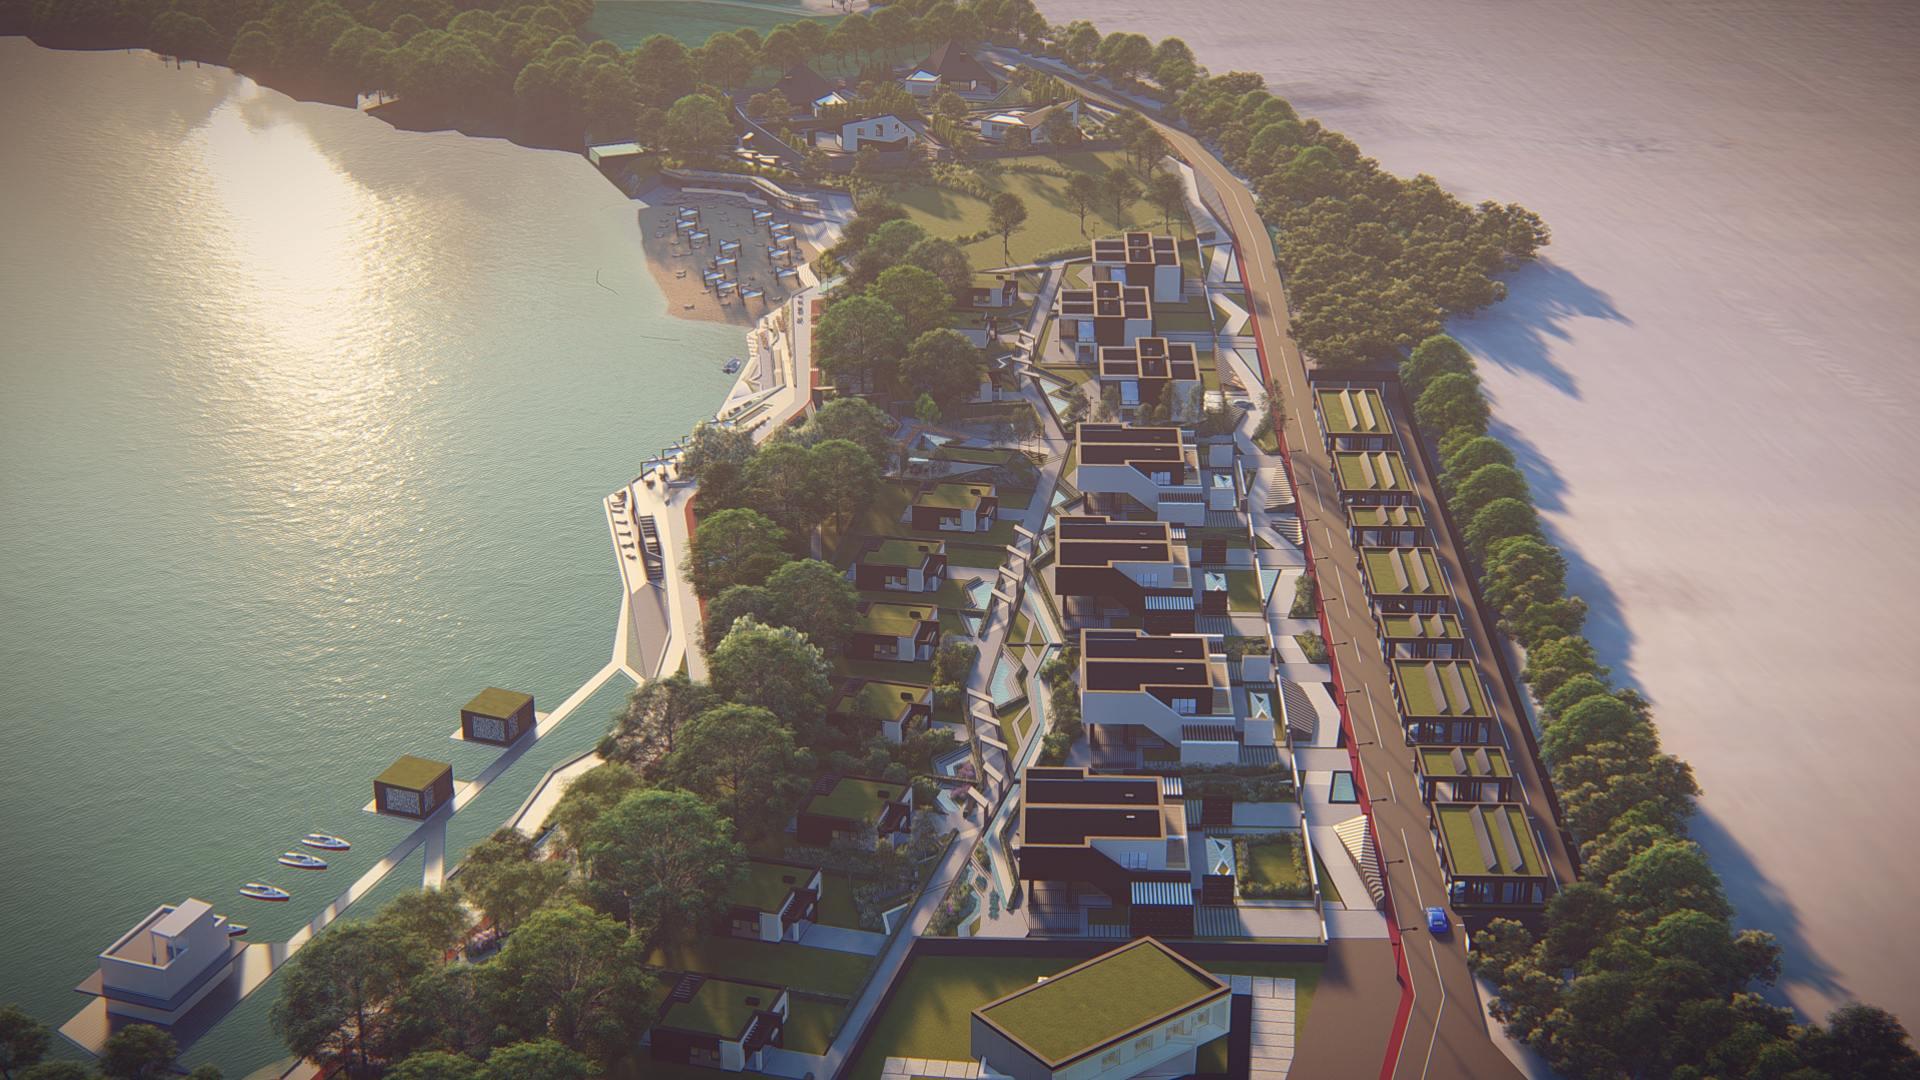 wizualizacje z góry pokazujące całe osiedle domów nad jeziorem